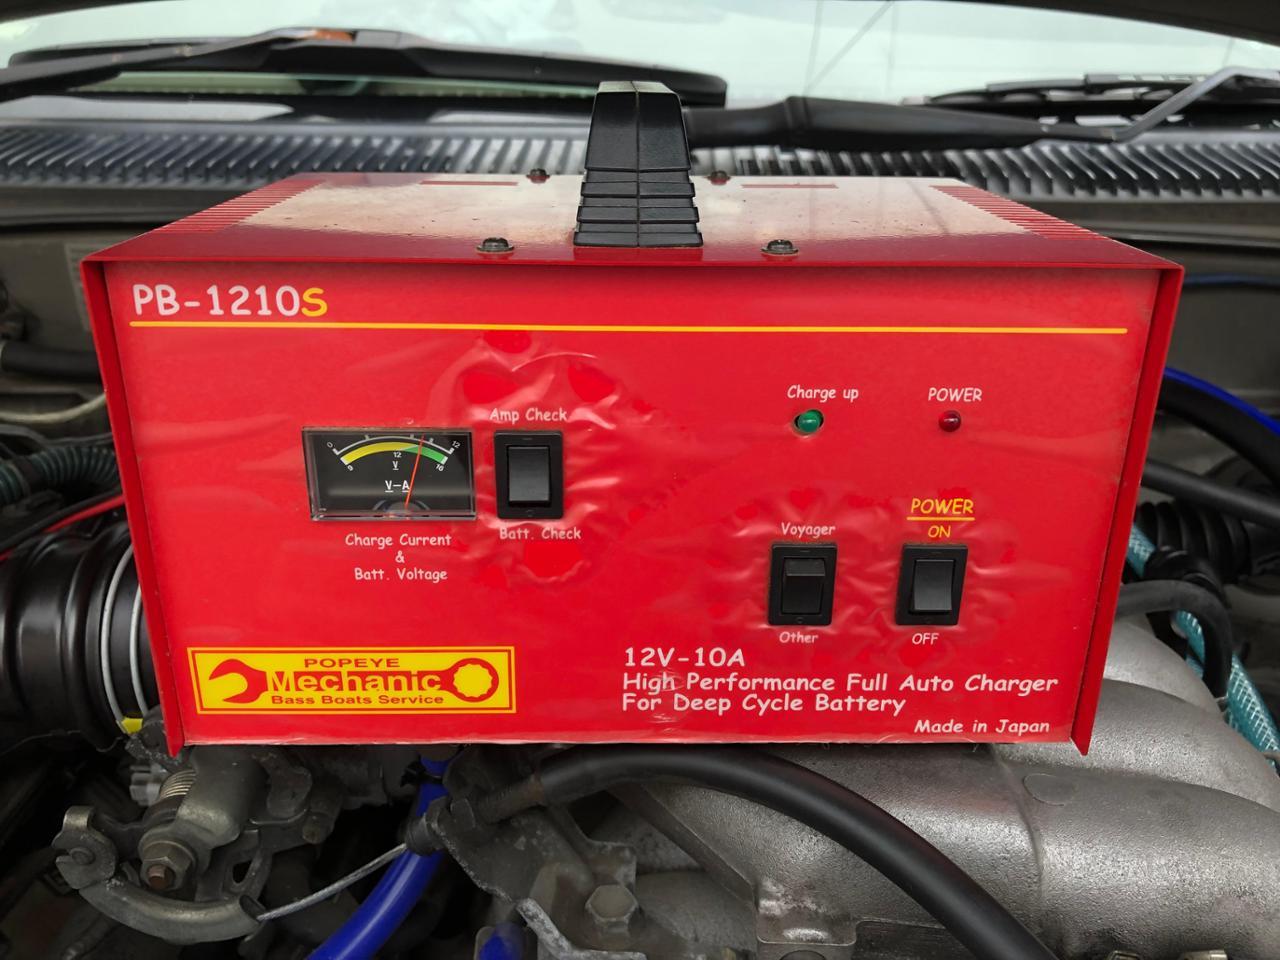 ポパイ製 ディープサイクルバッテリー充電器 PB-1210S